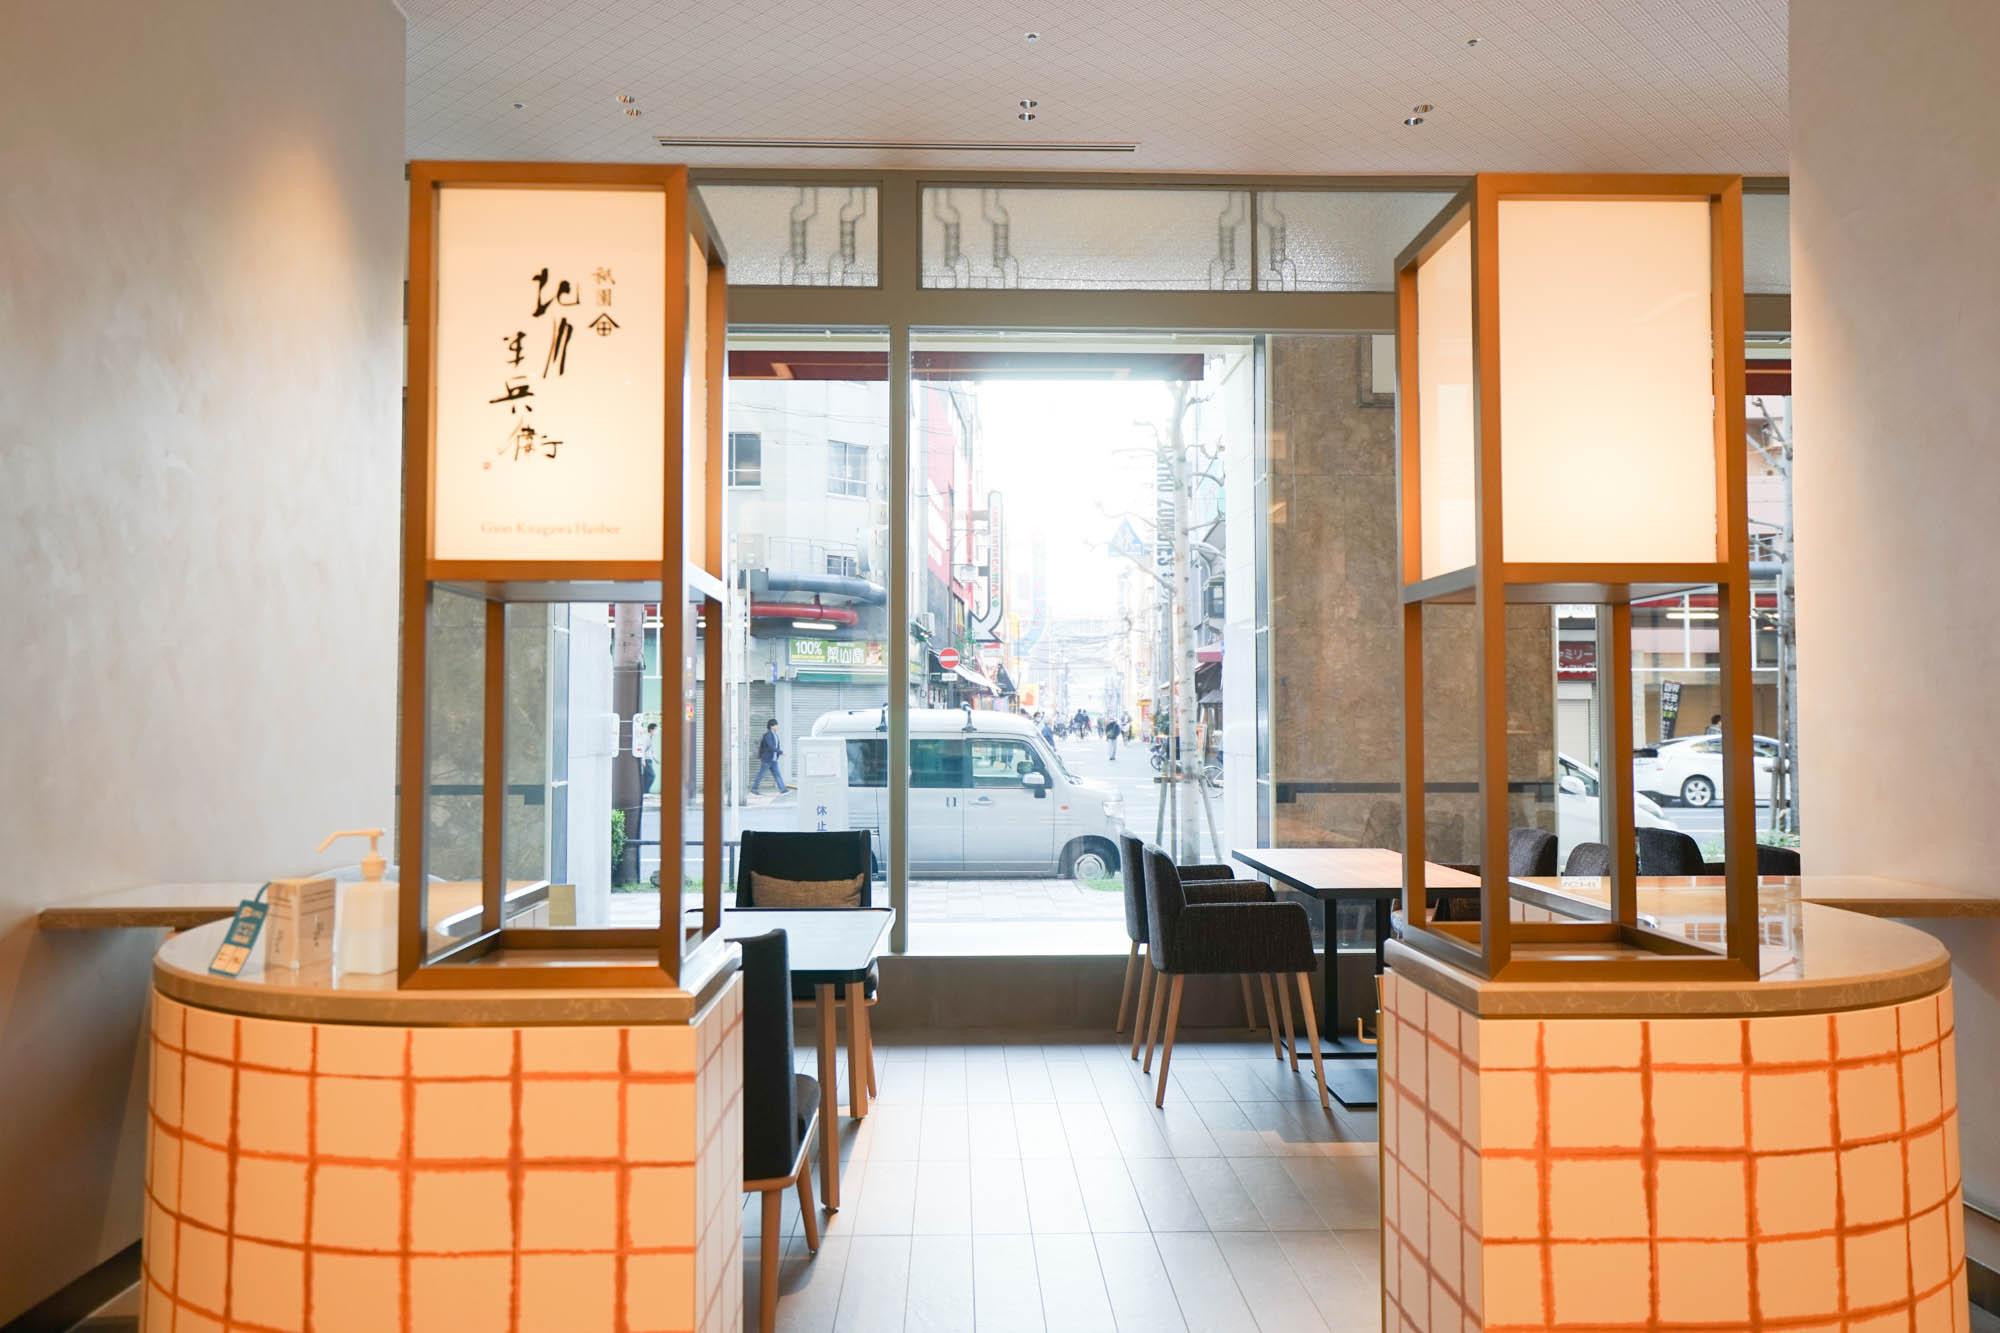 1階のショーウインドーに面した開放的なスペースには、祇園のお茶サロン「北川半兵衛」が。